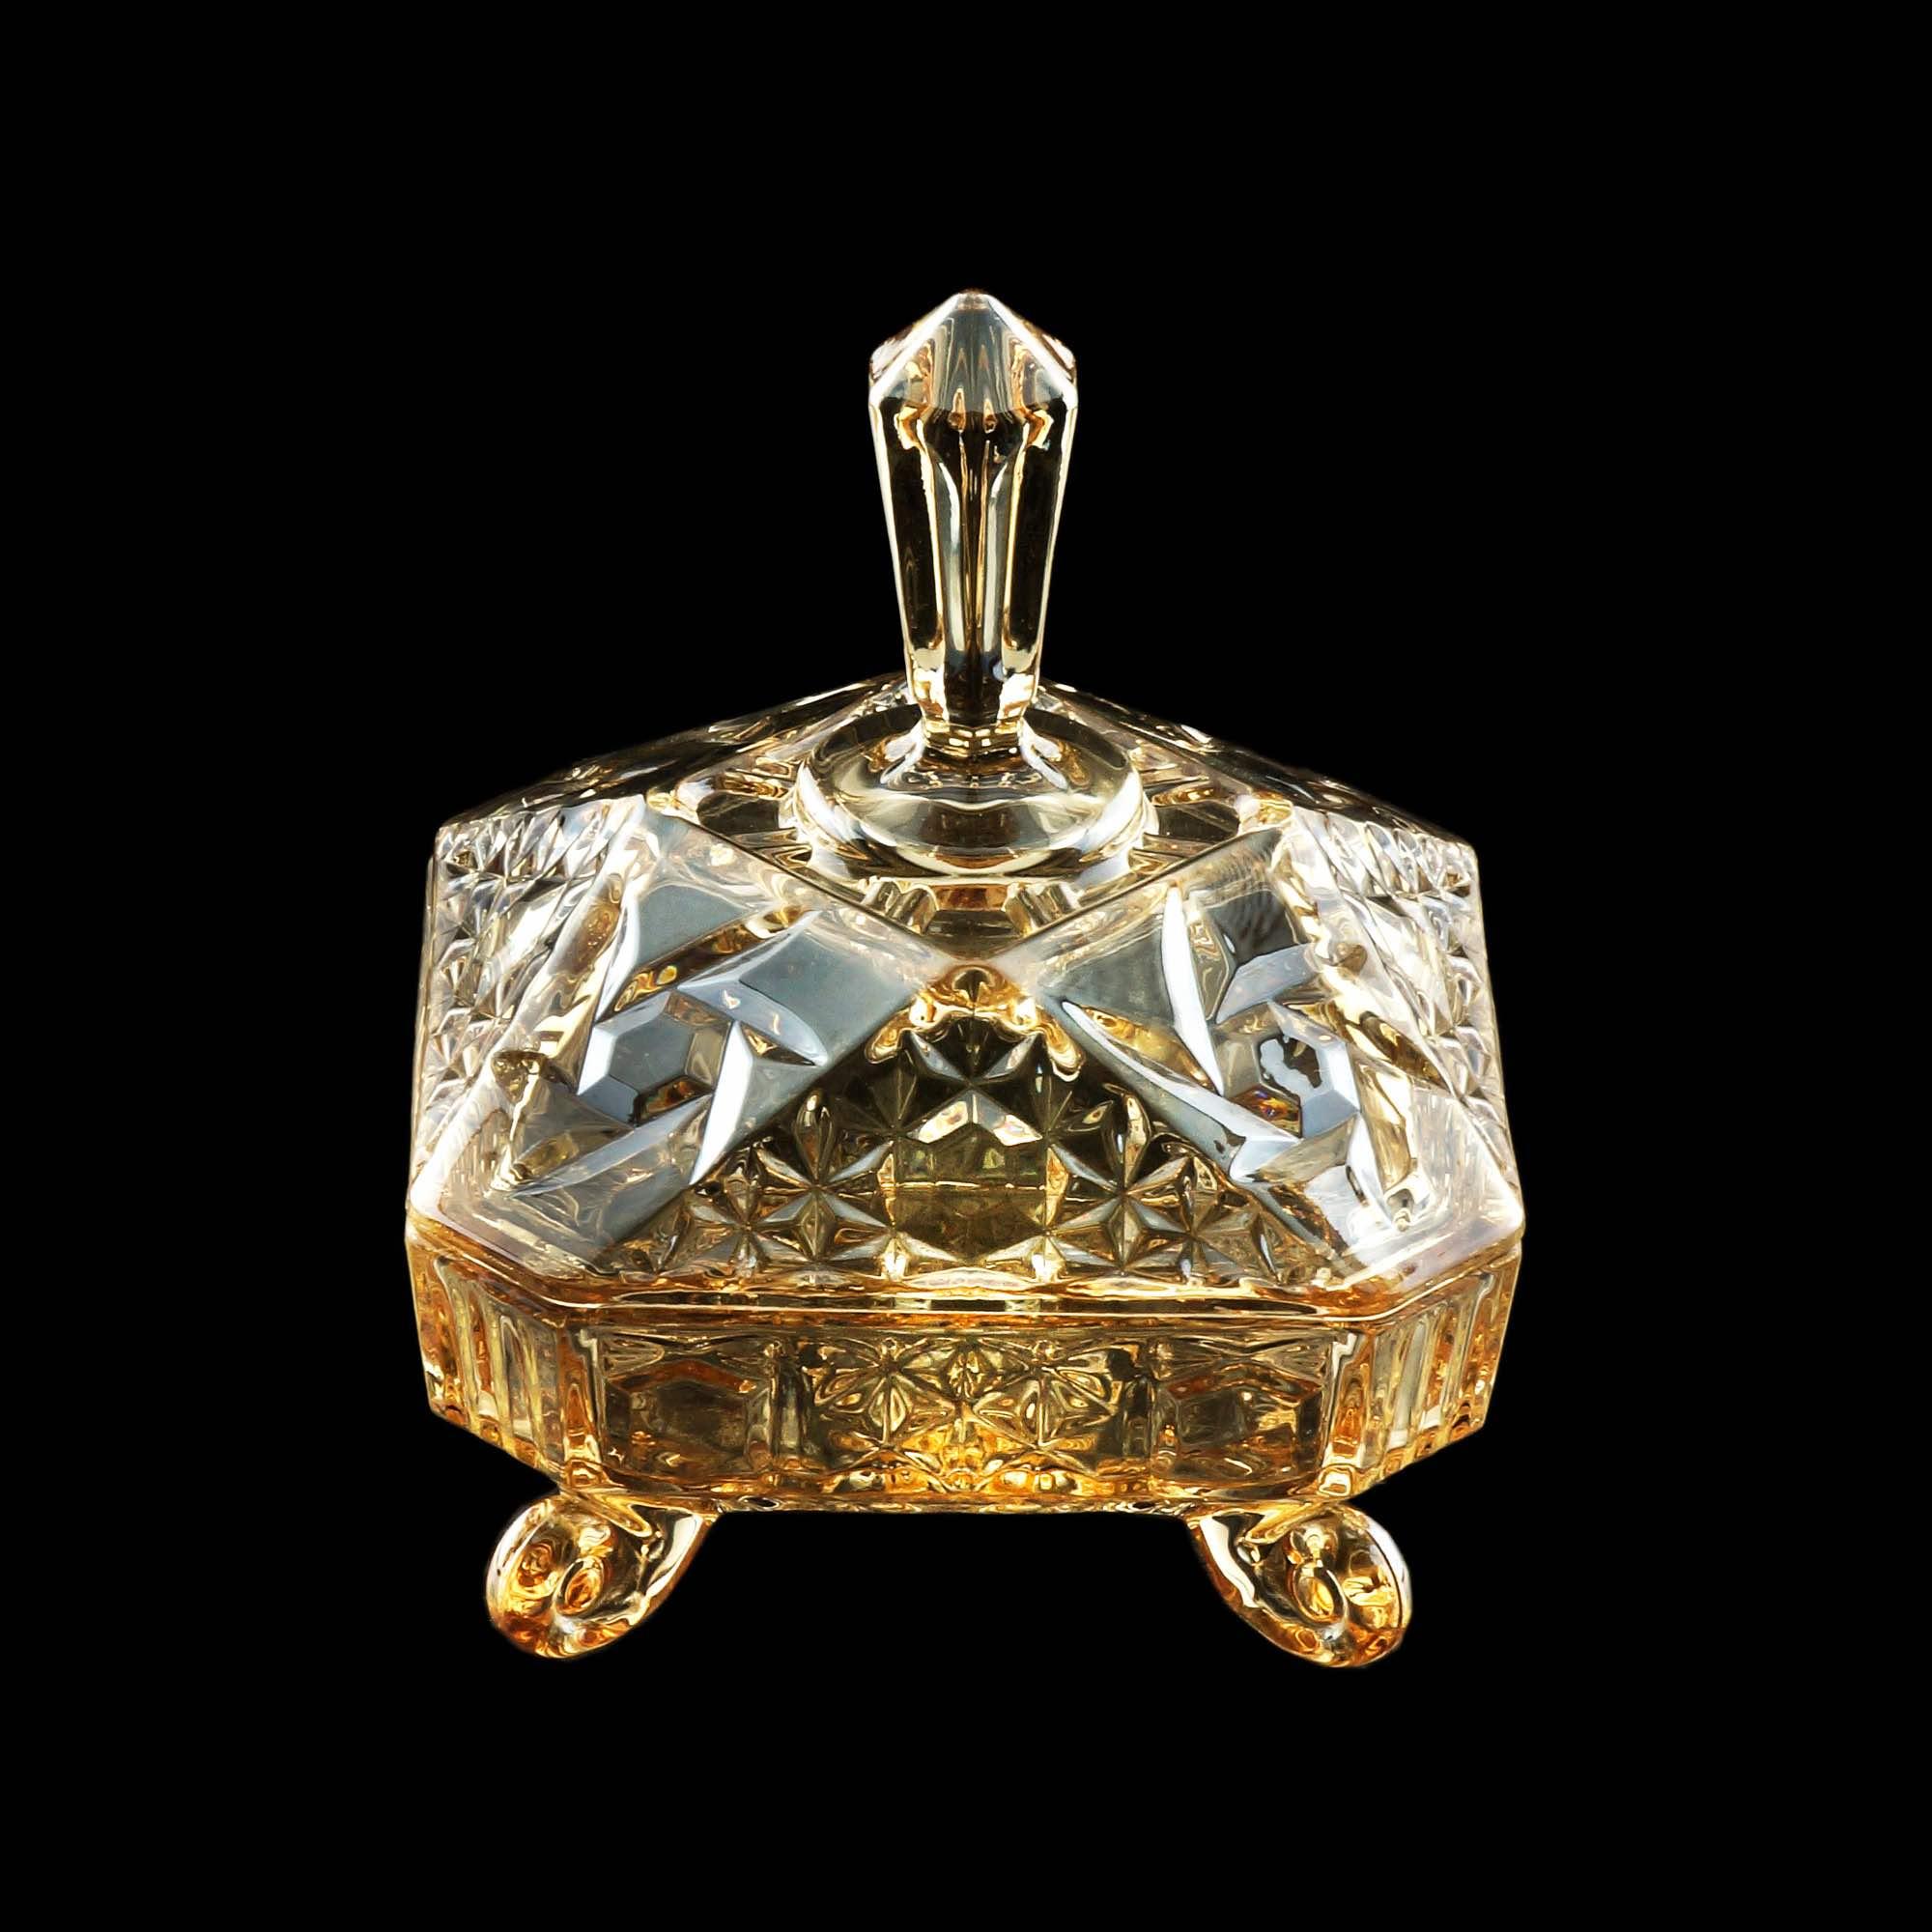 Bomboniere / Potiche com pé  De Cristal de Chumbo Paladium Ambar 16 X 20 Cm